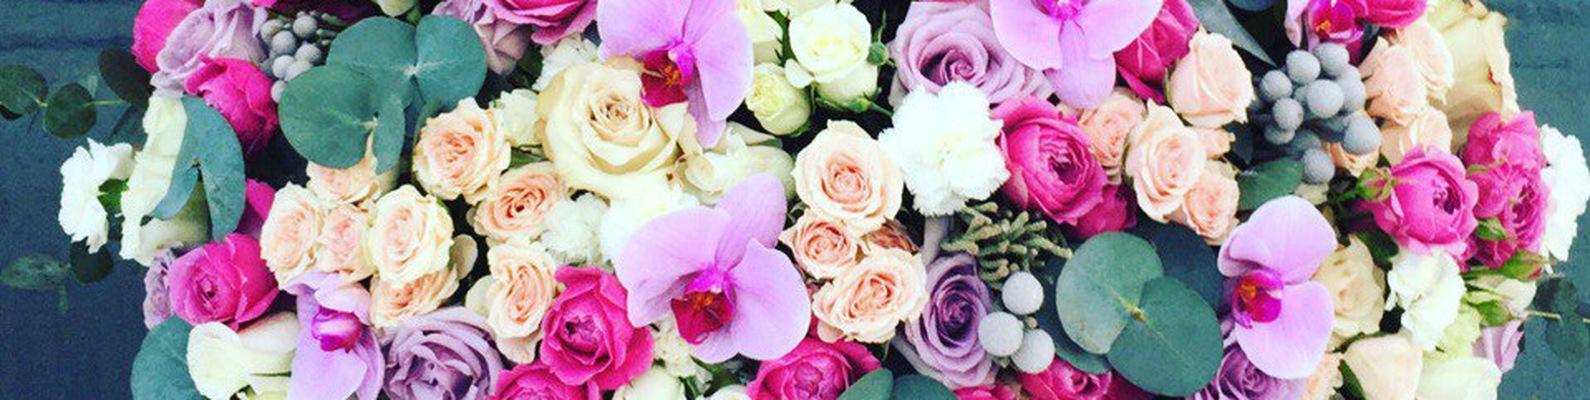 Магазины цветы петрозаводск адреса, букет дублер интернет магазин украина